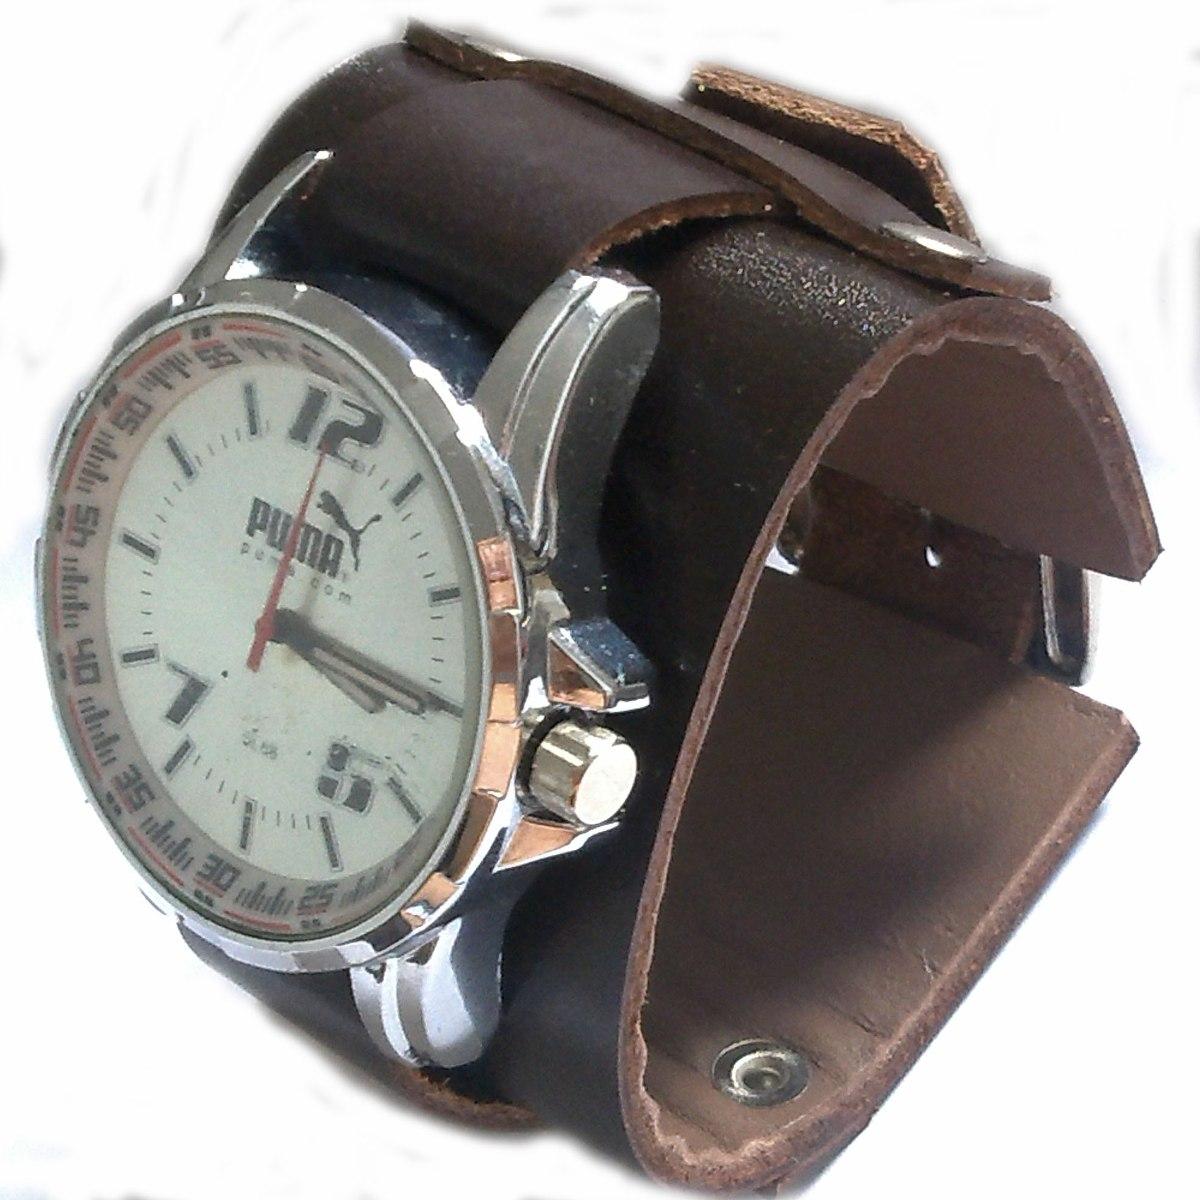 6892d2dfeb7 pulseira bracelete em couro para relógio frete-gratis. Carregando zoom.